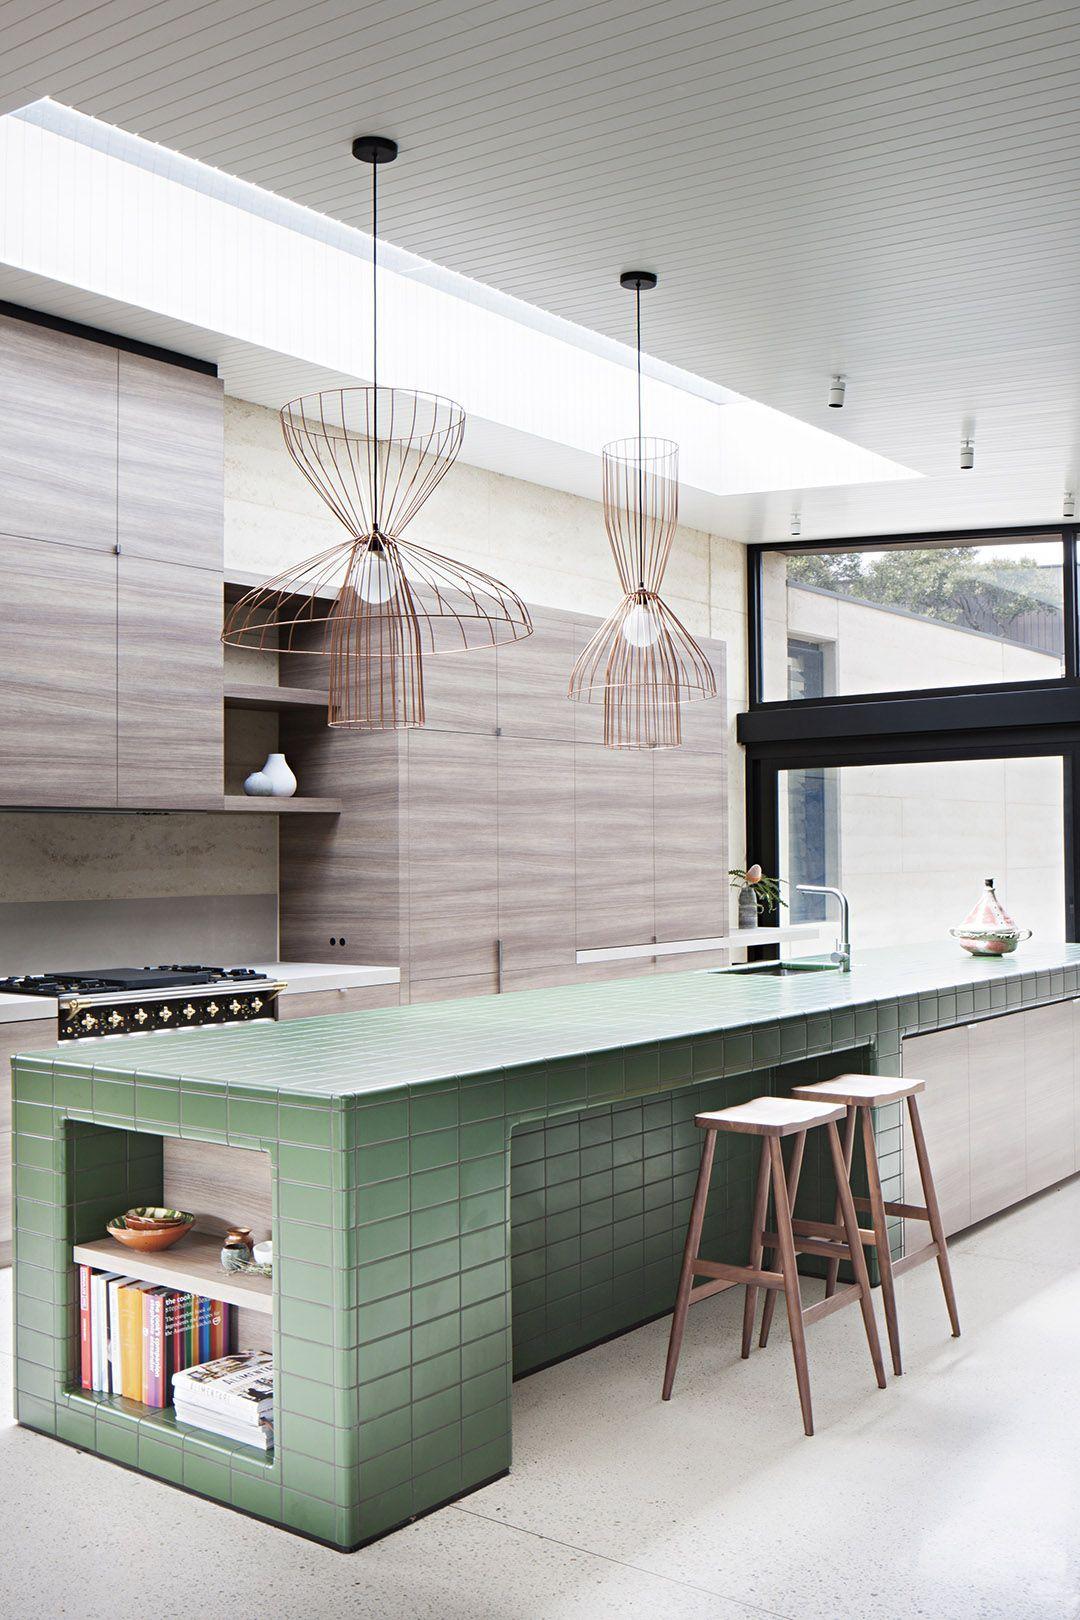 Stylish Modern And Mid Century Kitchens Designer S Projects With Stunning Lighting Pieces Discover Trendie Kuchen Design Innenarchitektur Kuche Moderne Kuche